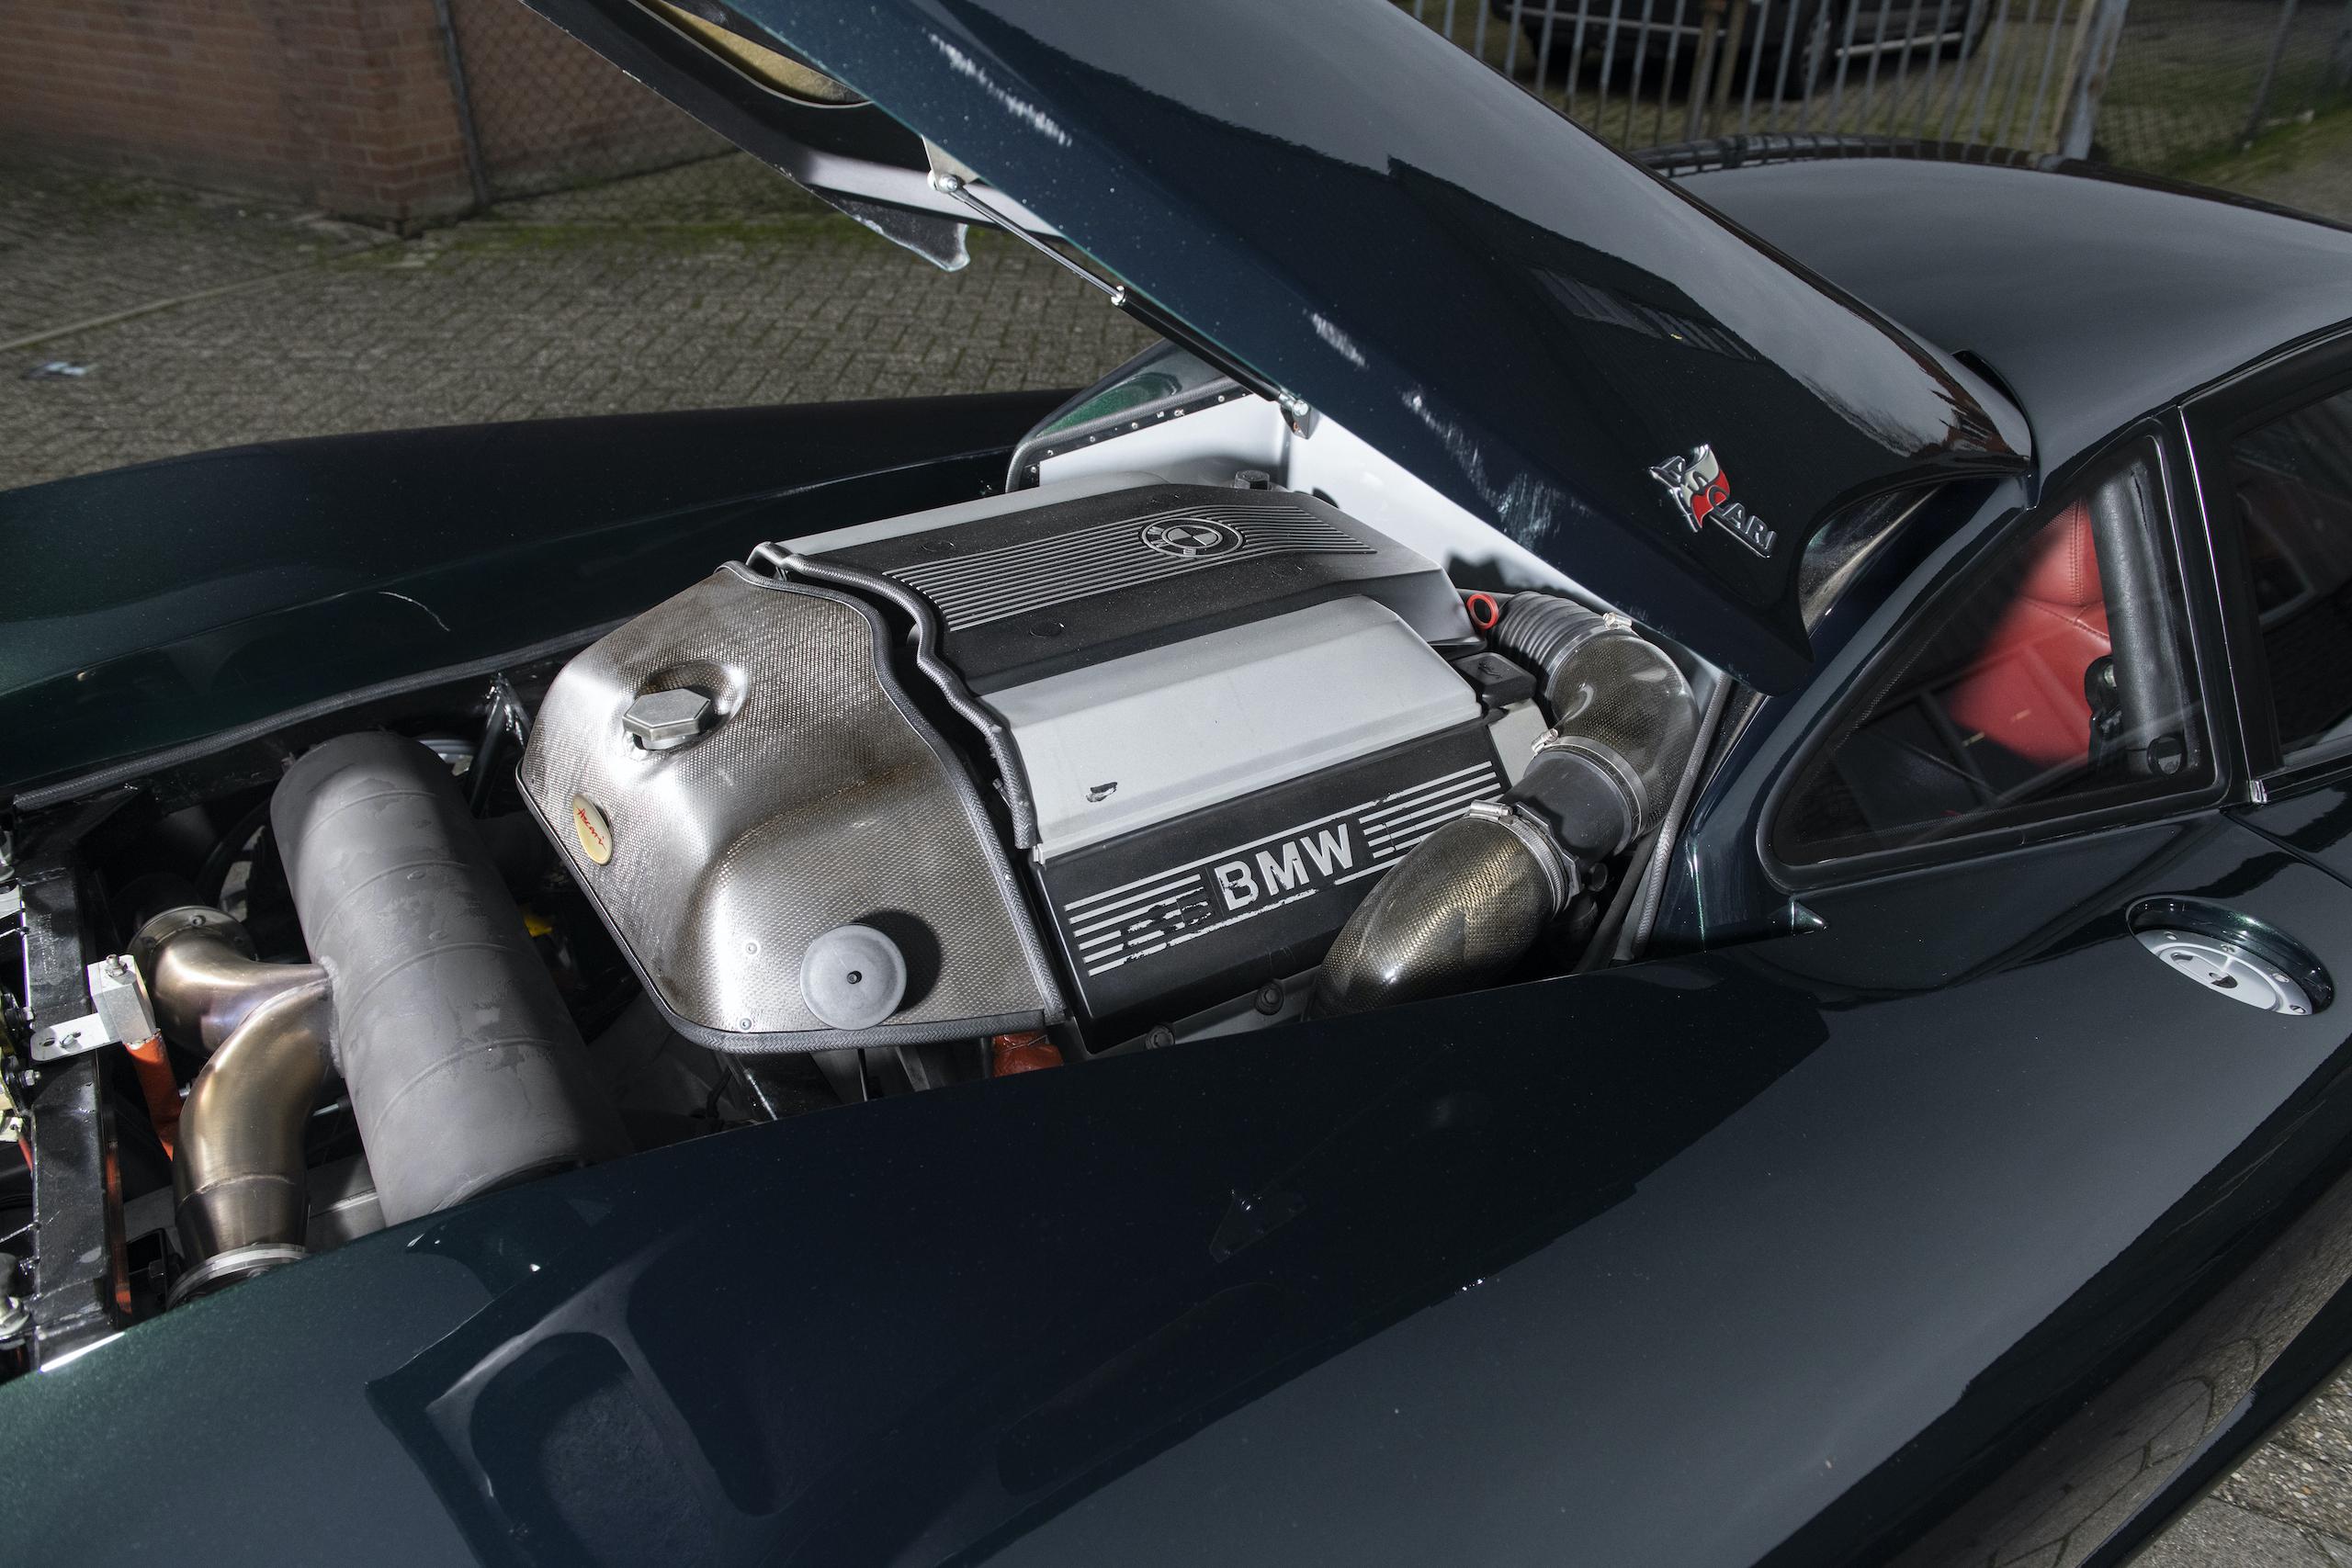 1997 Ascari Ecosse engine